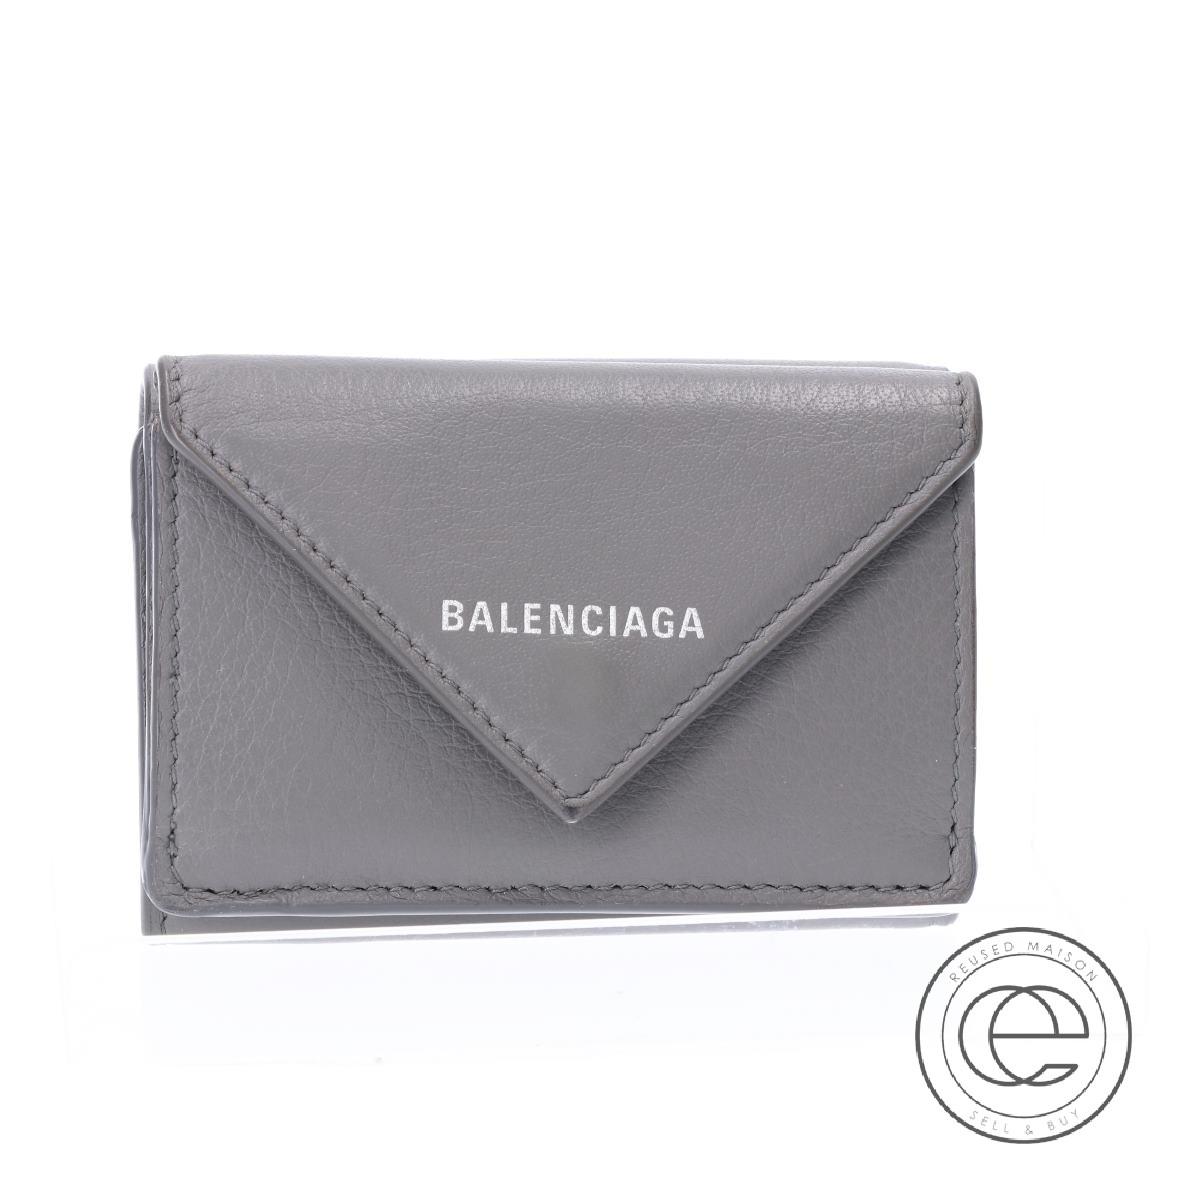 BALENCIAGA バレンシアガ 391446 1215 PAPER ペーパーミニウォレット 三つ折り財布(小銭入れあり) グレー レディース 【中古】